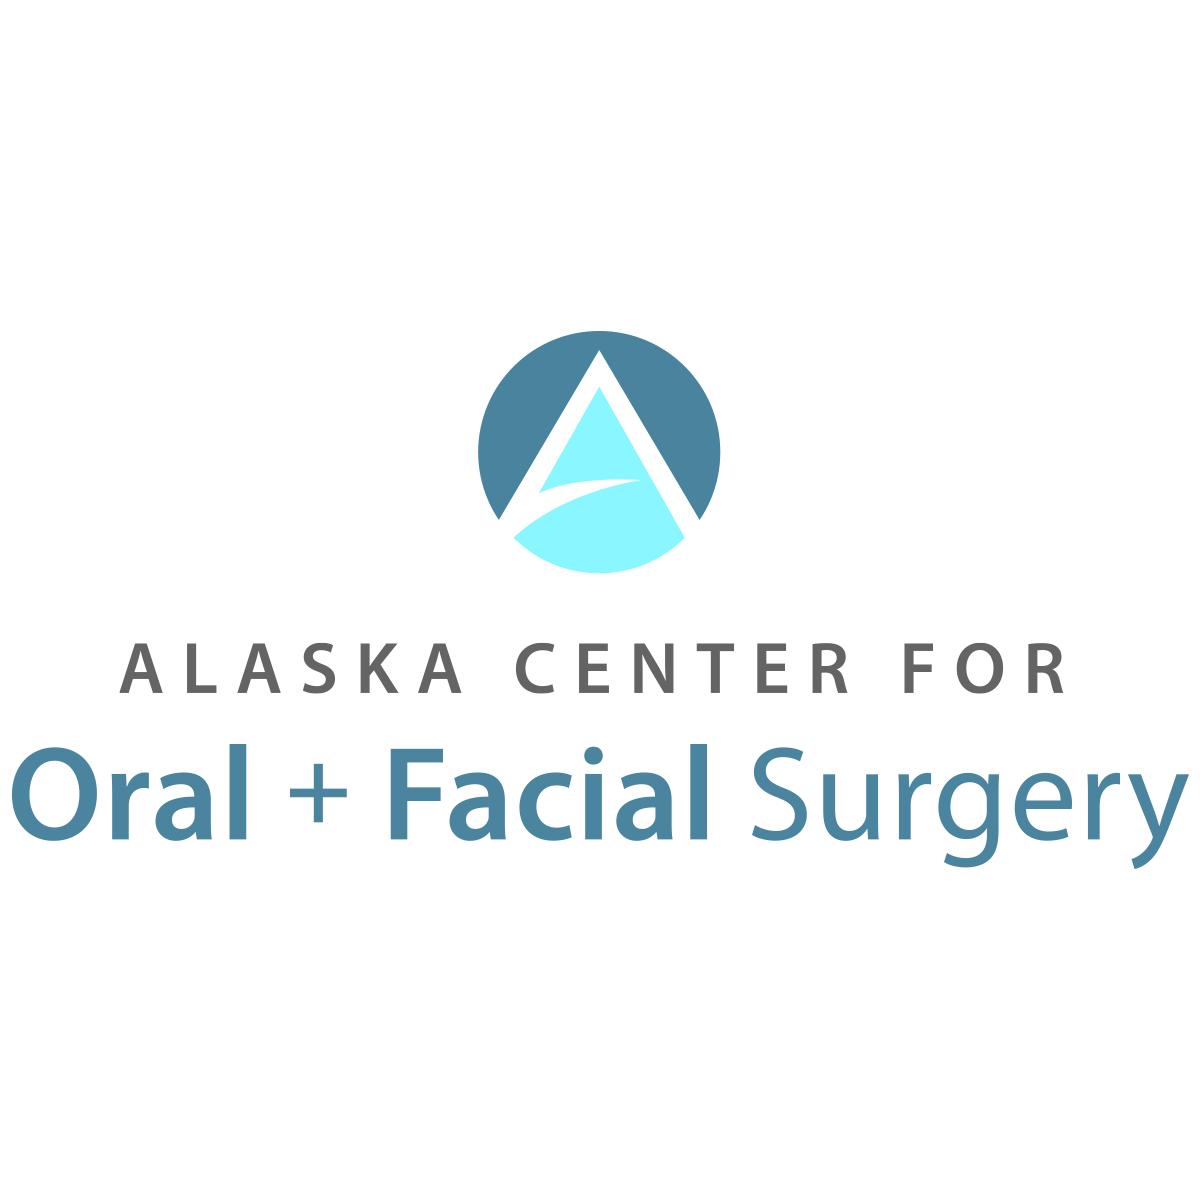 Alaska Center for Oral & Facial Surgery